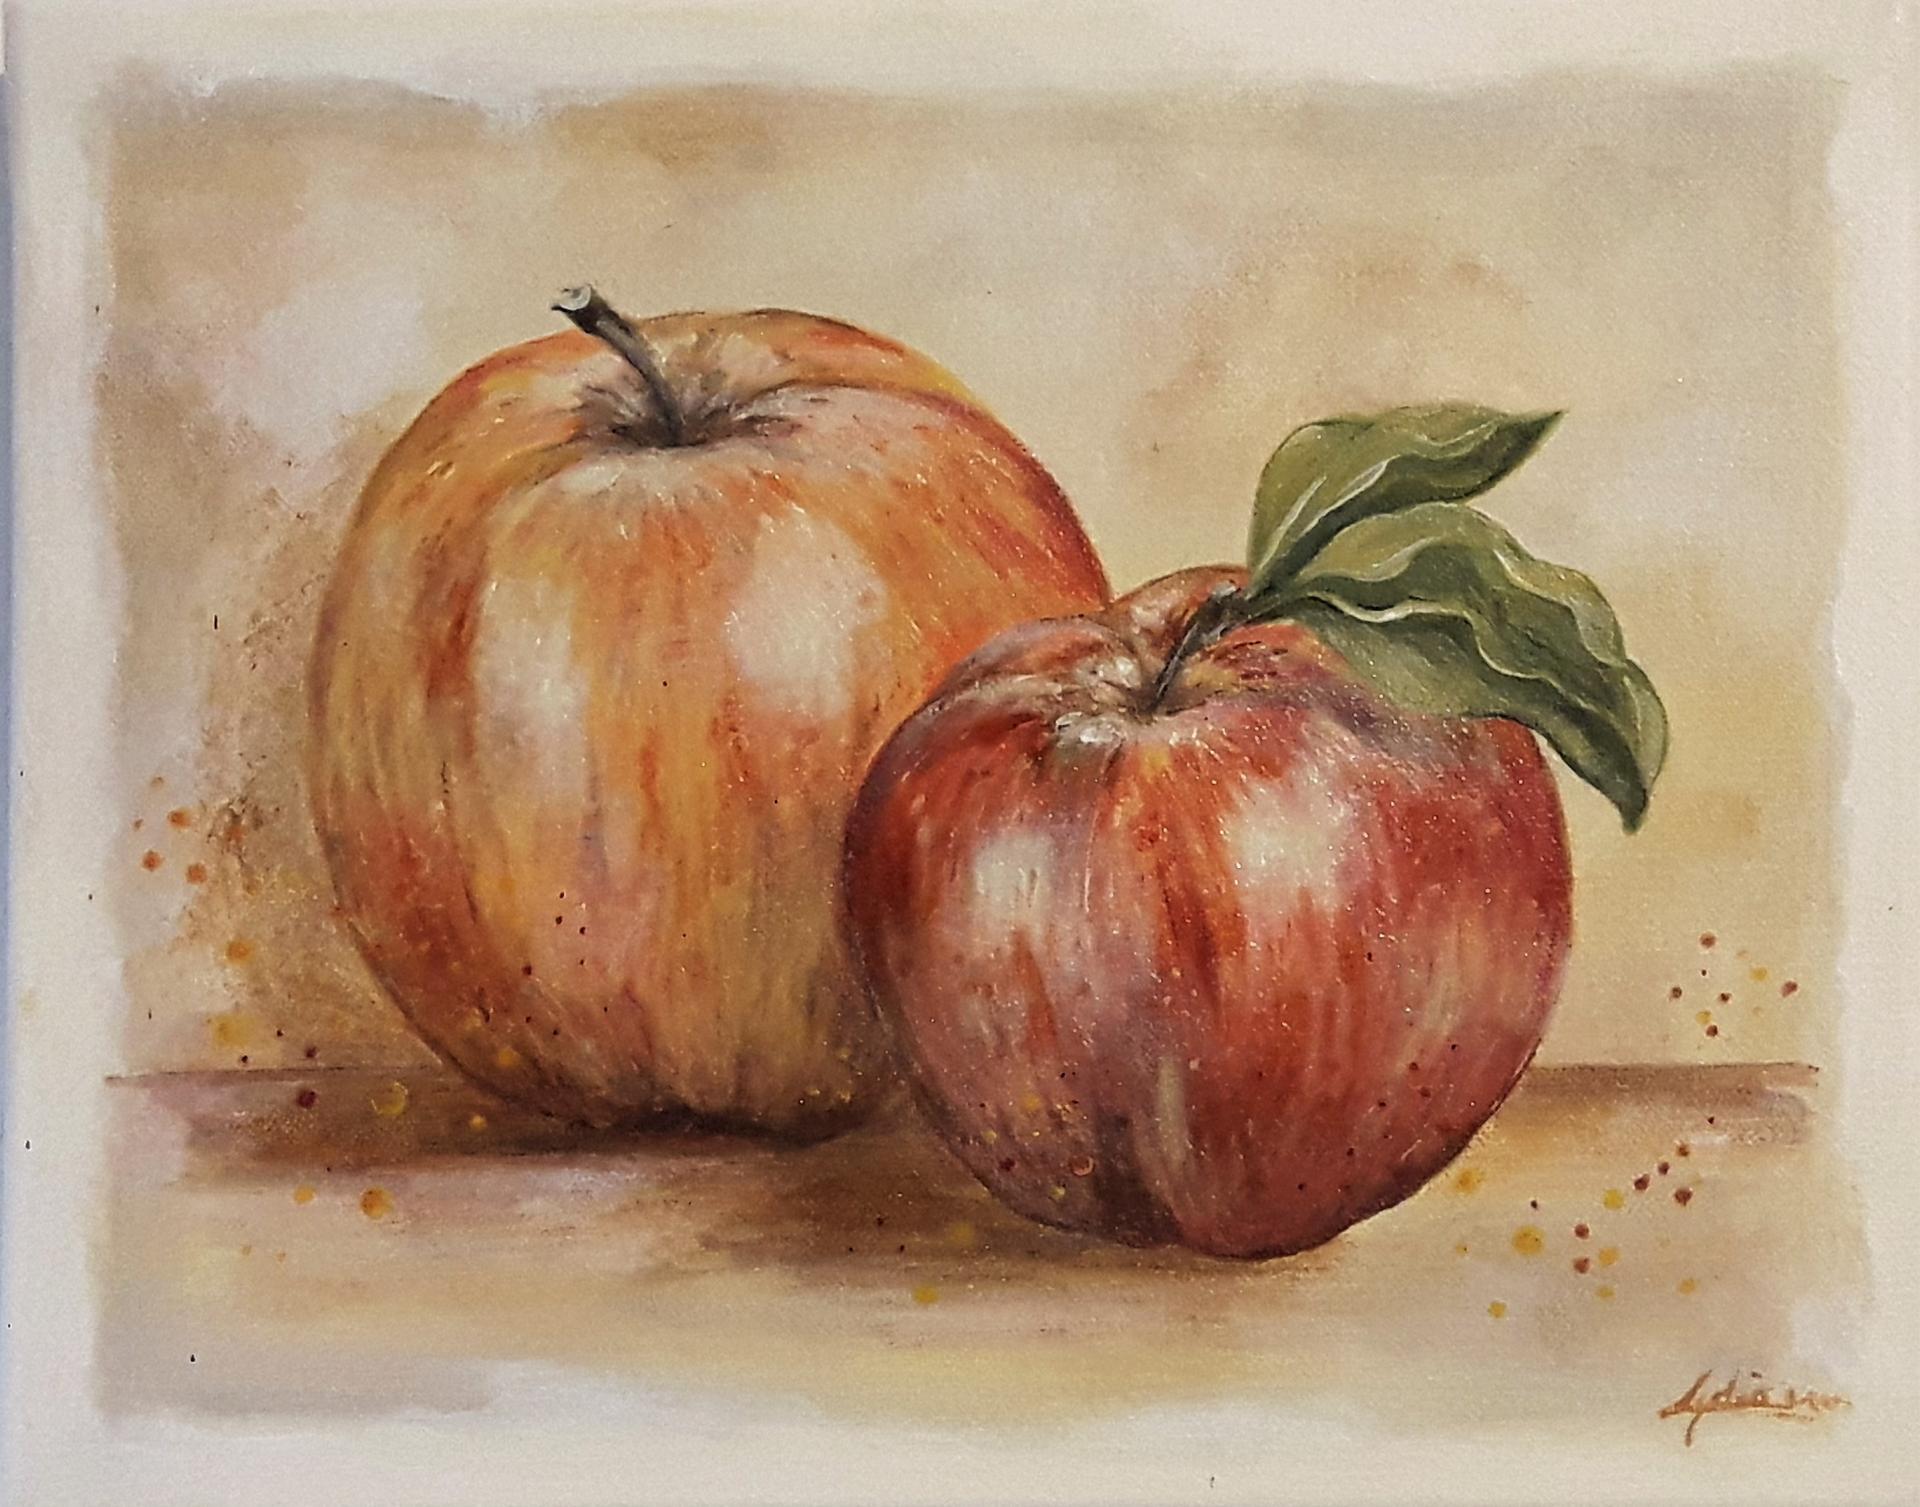 Les 2 pommes